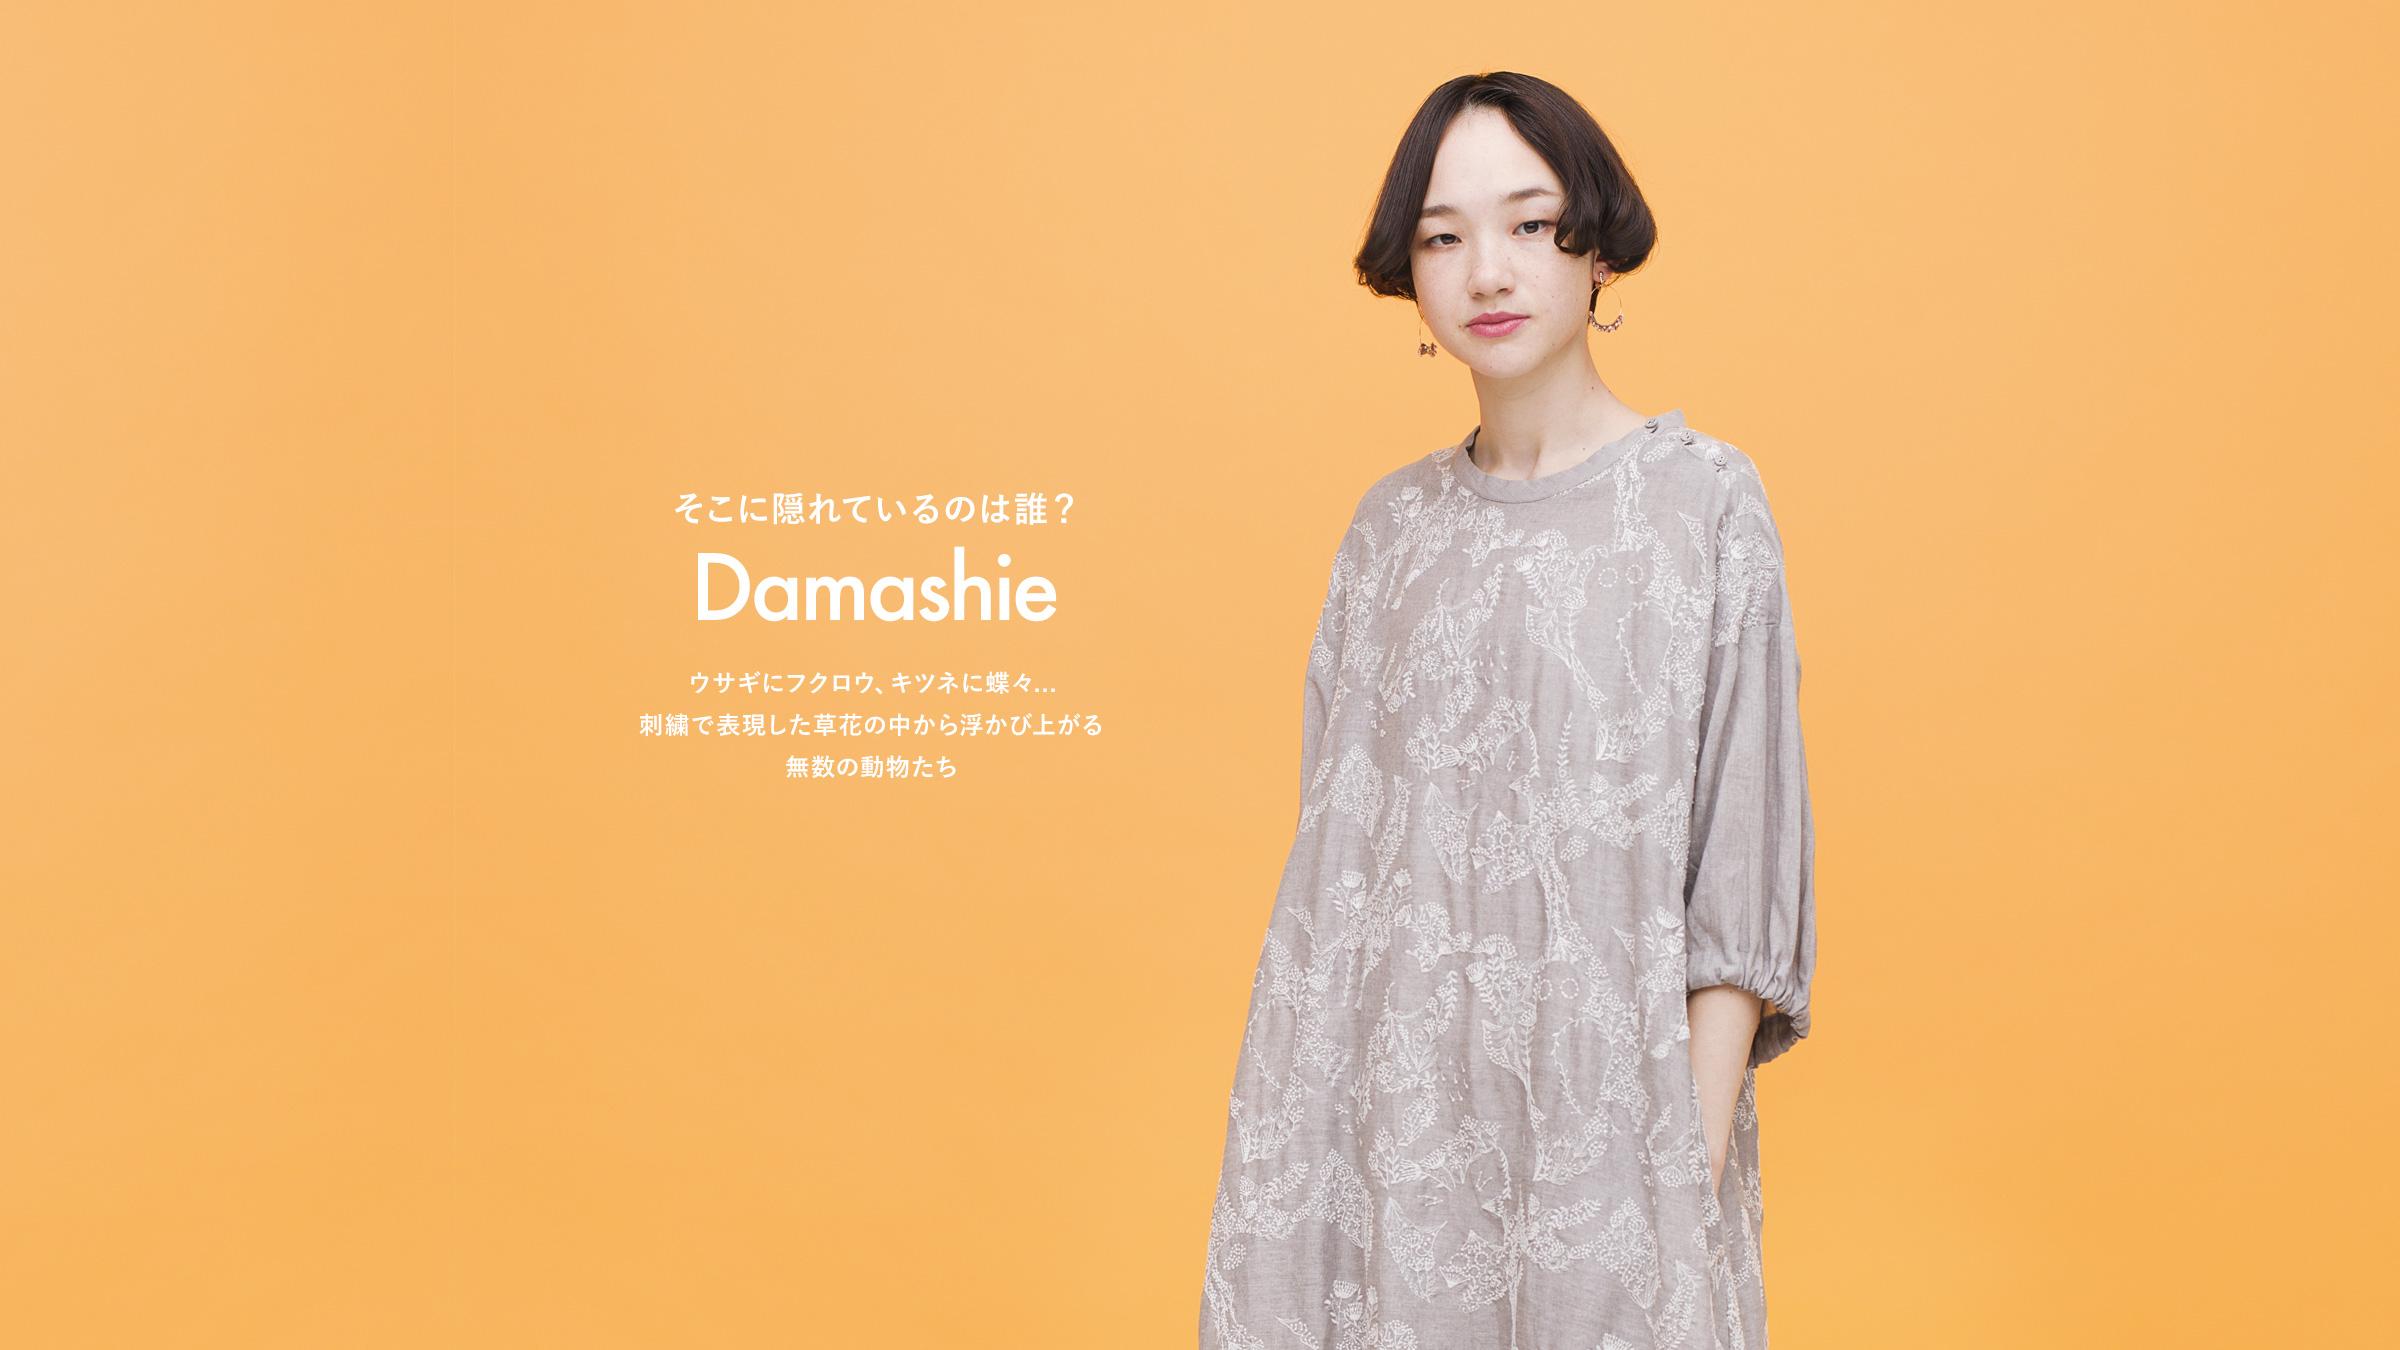 コーポレートサイトイメージ、マーブルシュッド、damashie